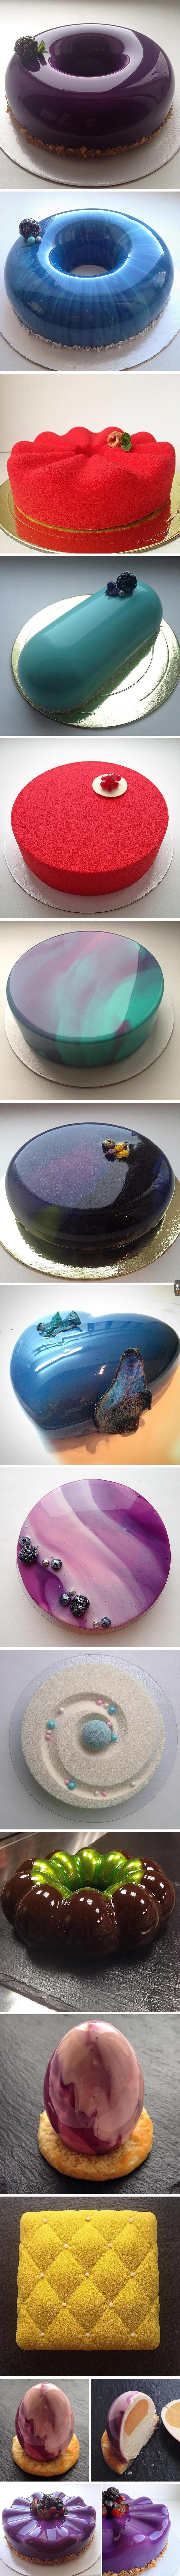 Perfekcyjne i lśniące ciasta